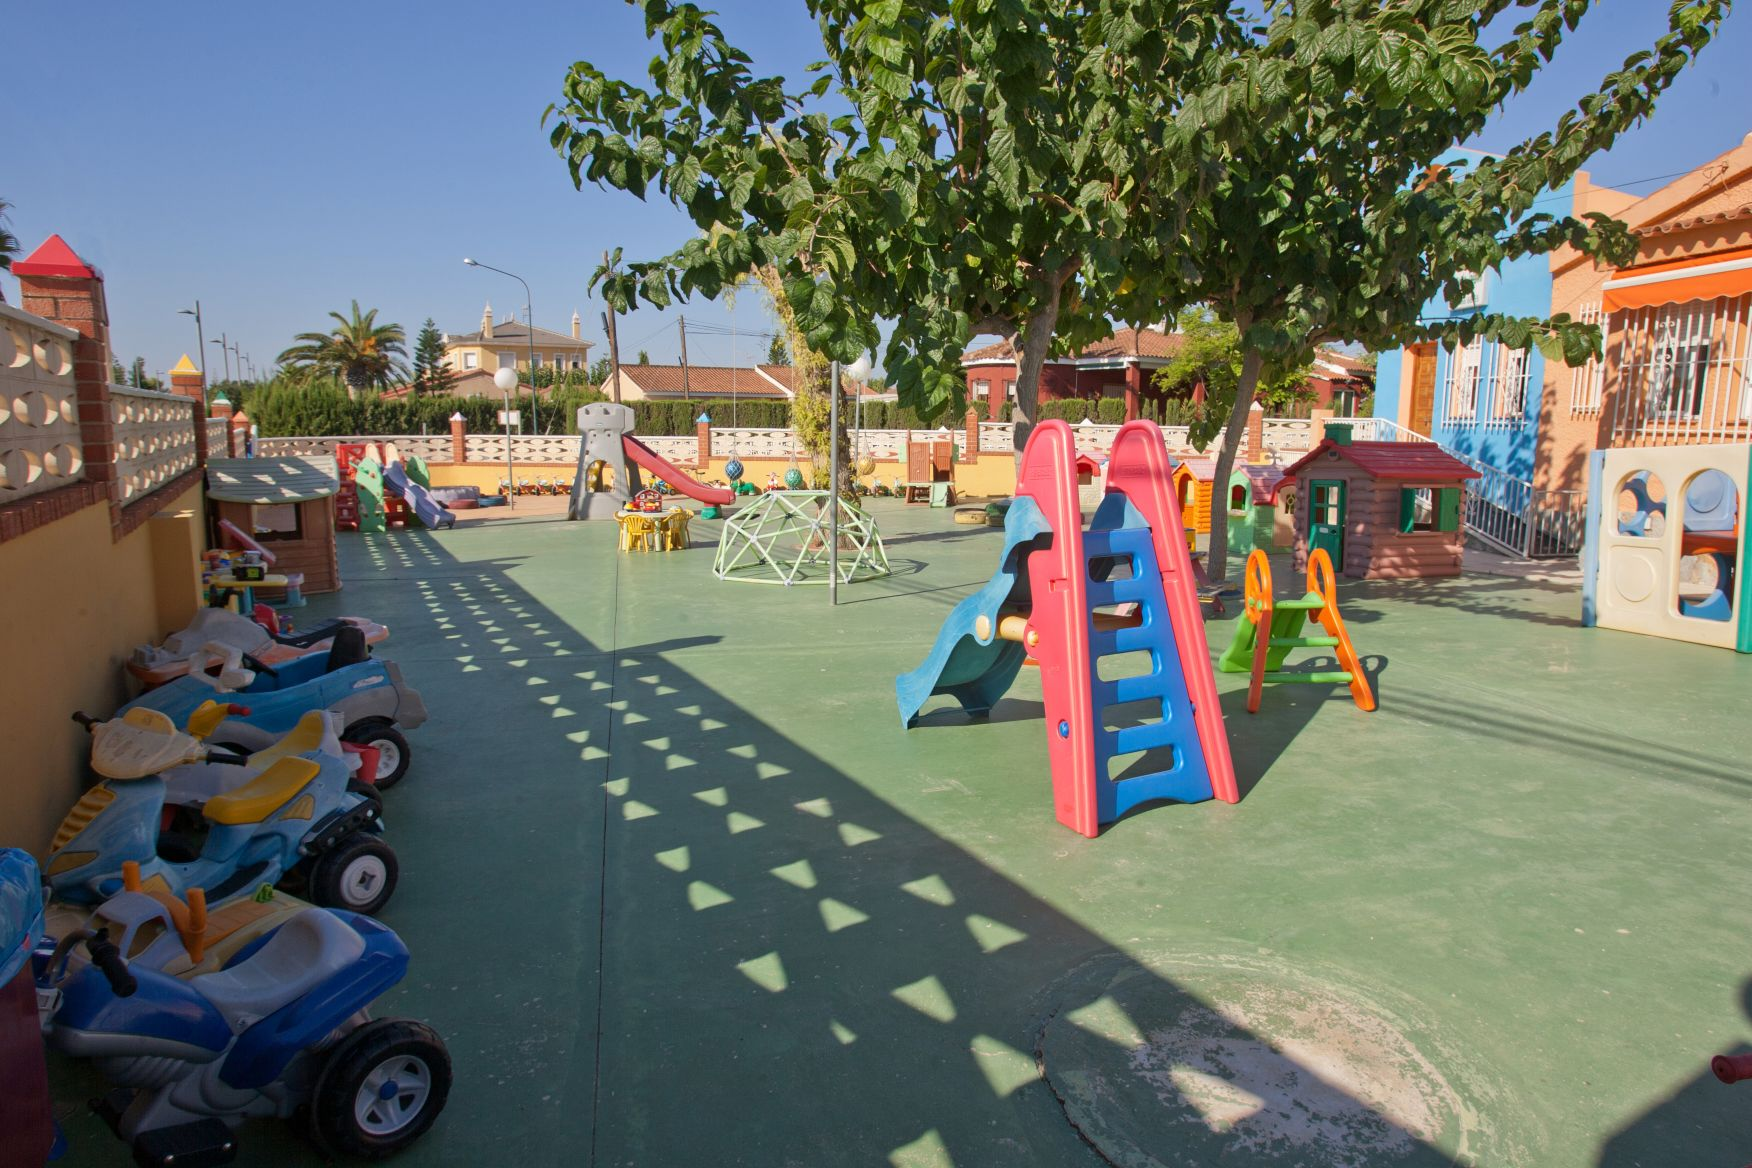 patio de la escuela